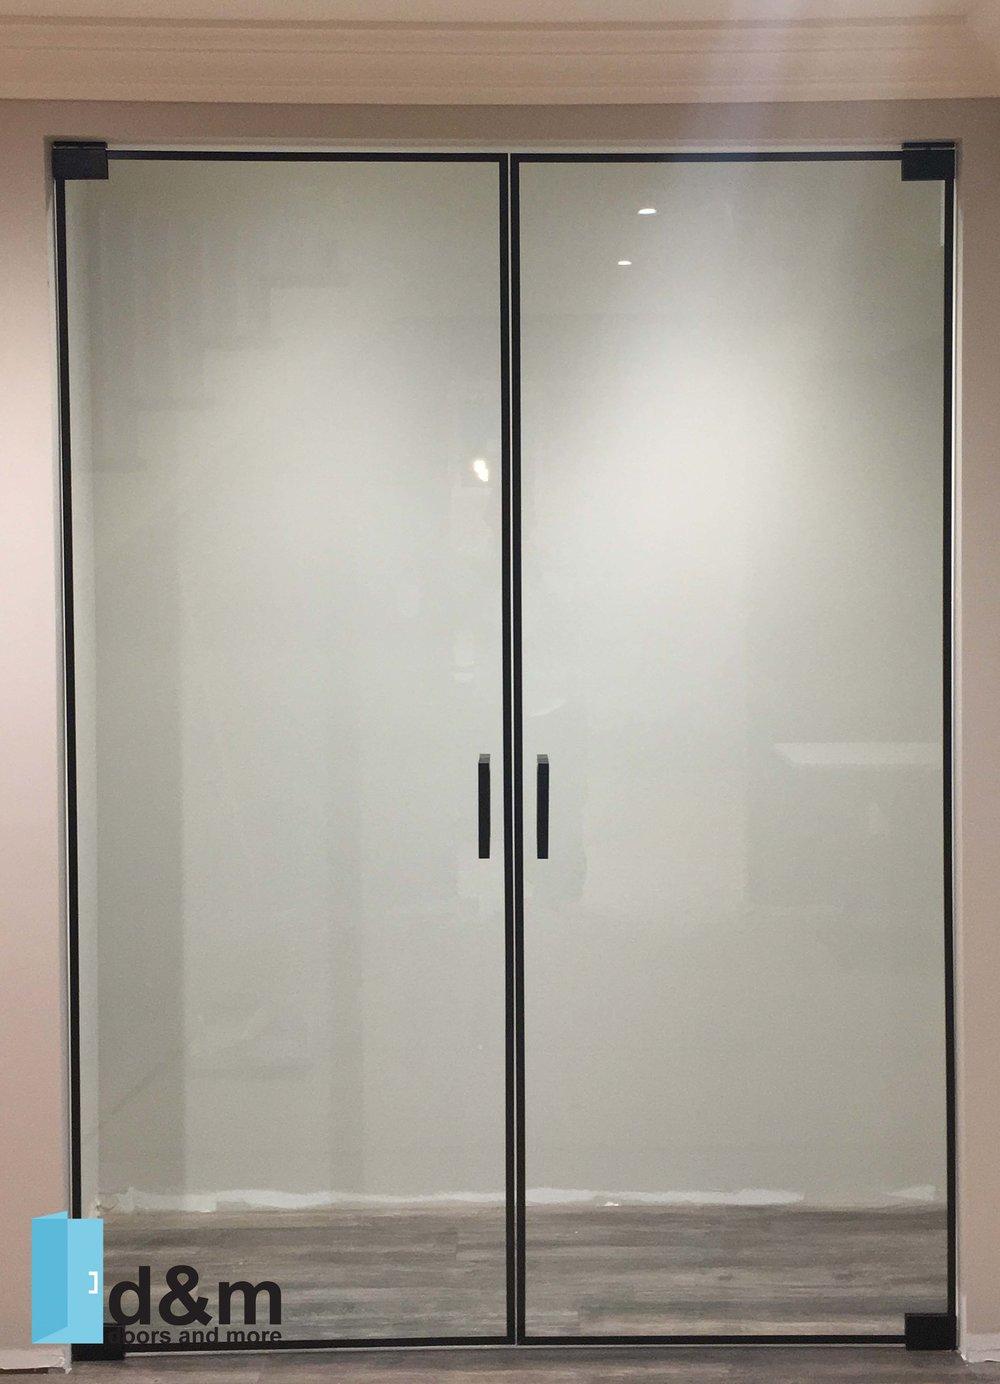 Double Doors with Industria LT - October 1-18 copy.jpg